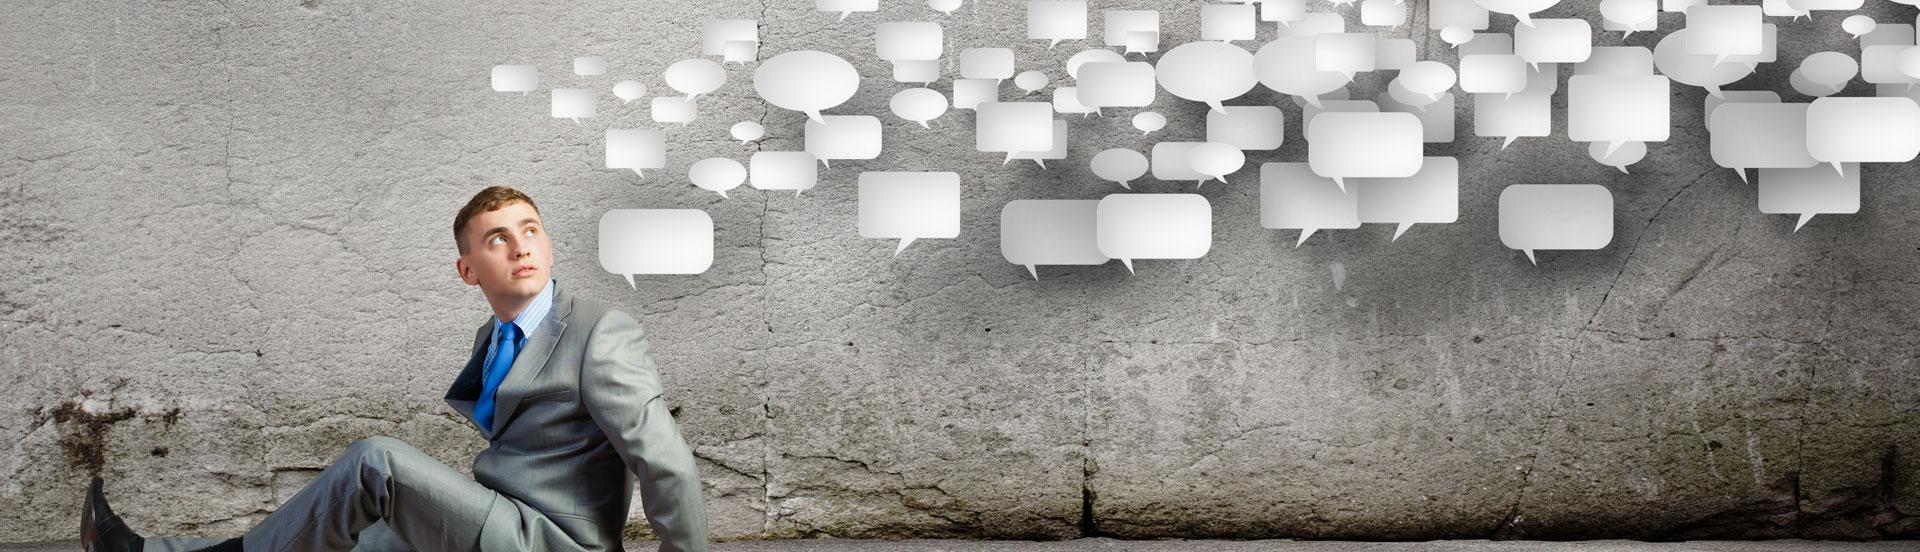 byroet i struer slide kommunikation